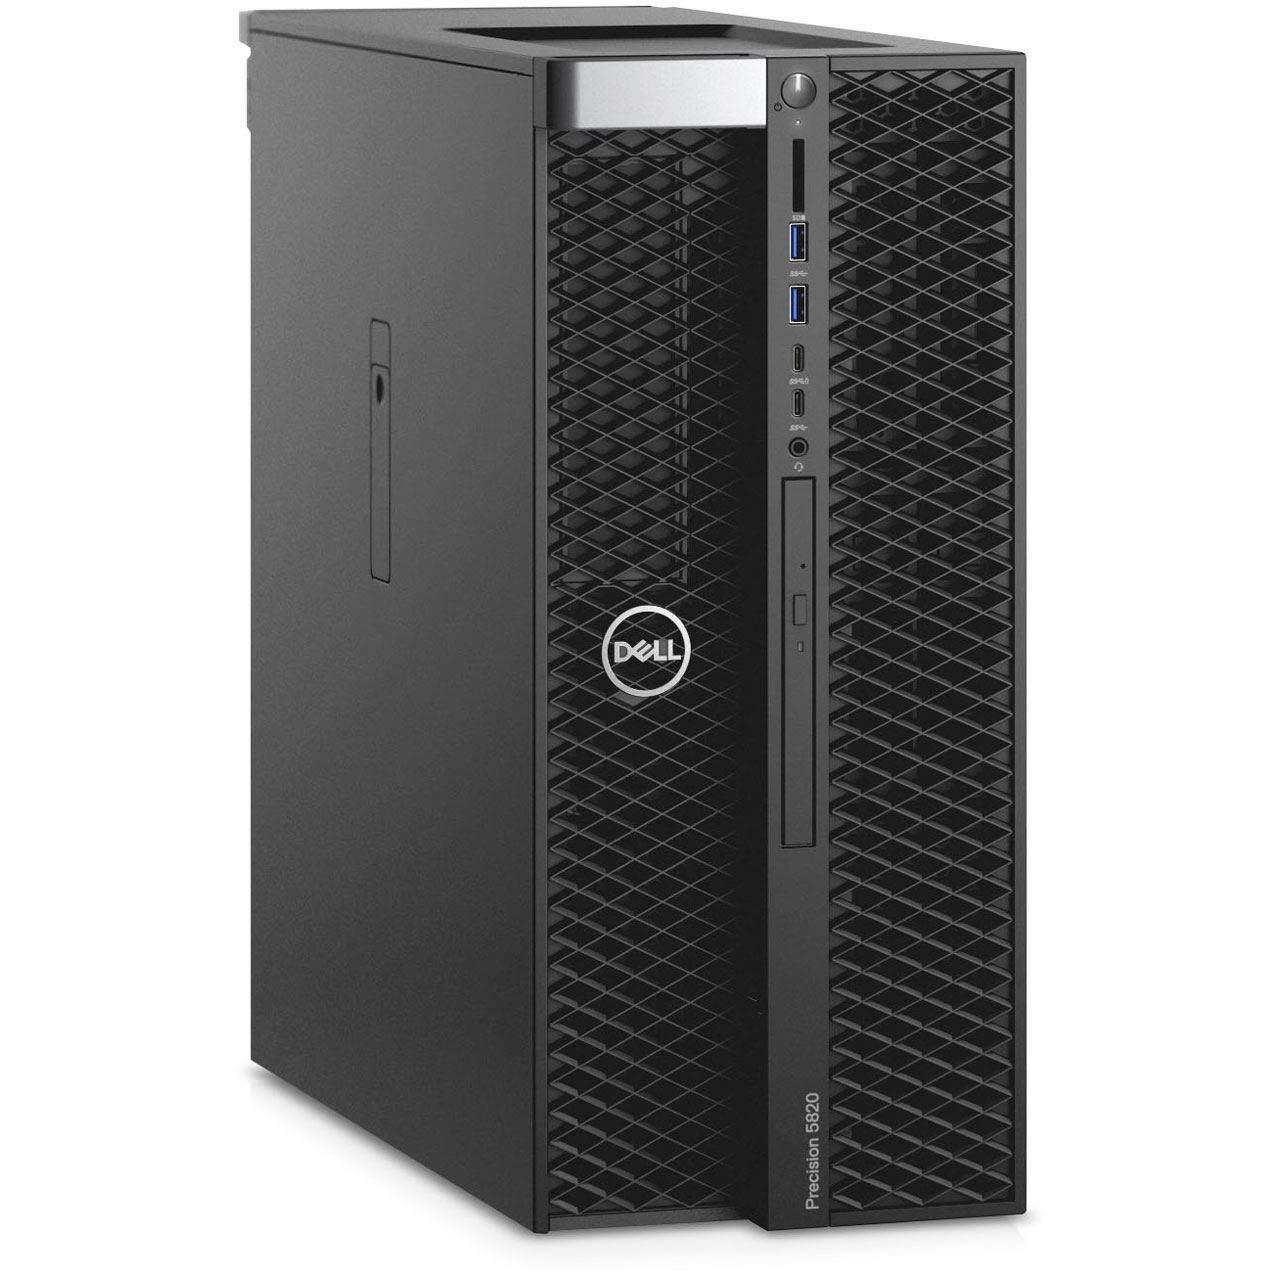 Dell Precision T5820 Intel Xeon W-2102 X4 2.9GHz 16GB 256GB SSD Win10,Black(Renewed)